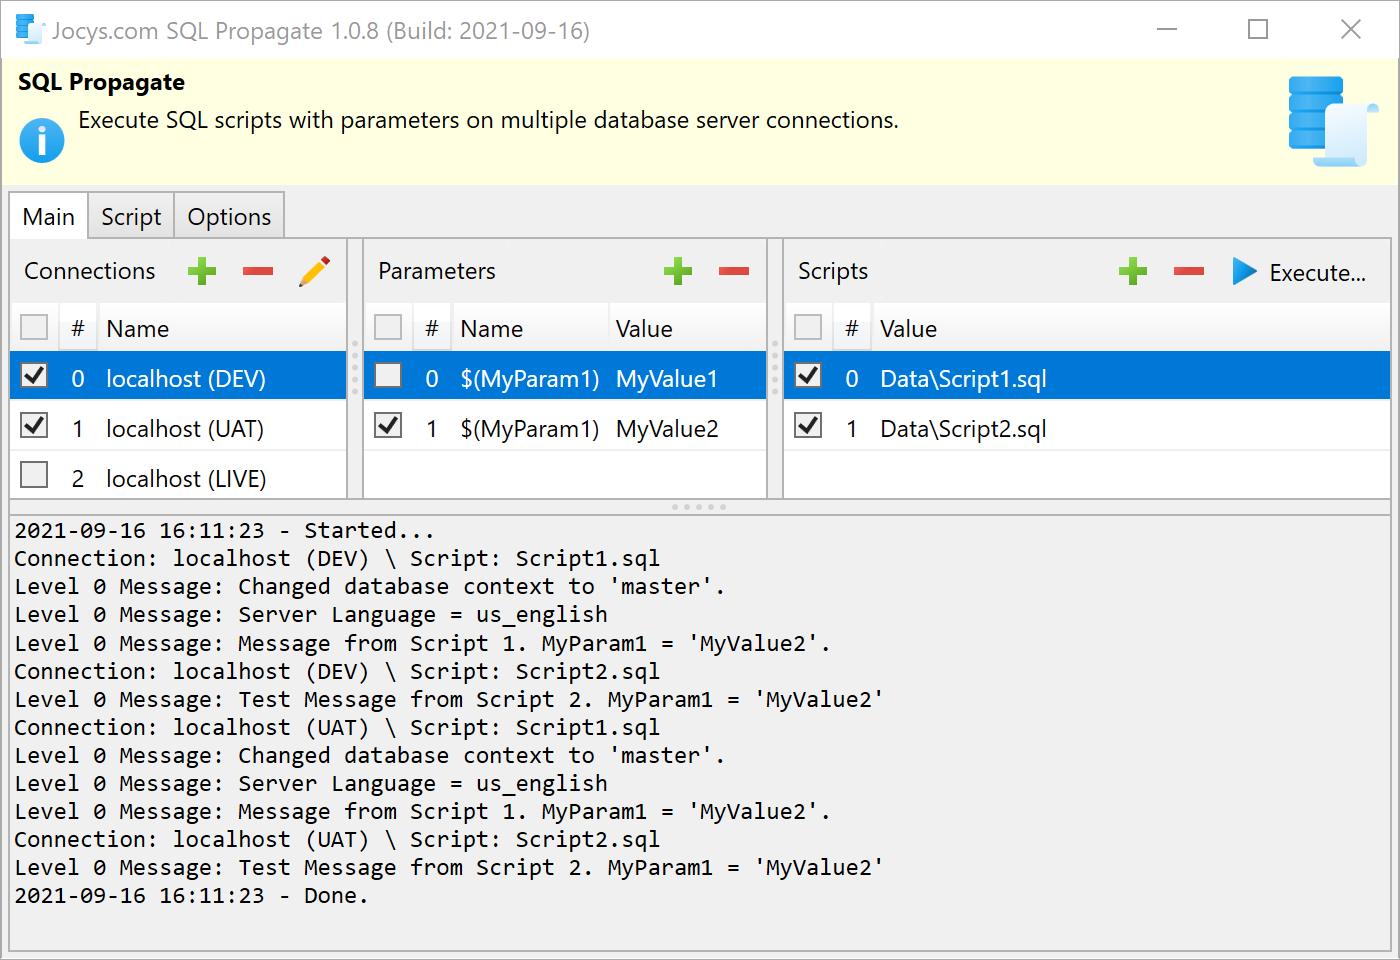 SQL_Propagate_2